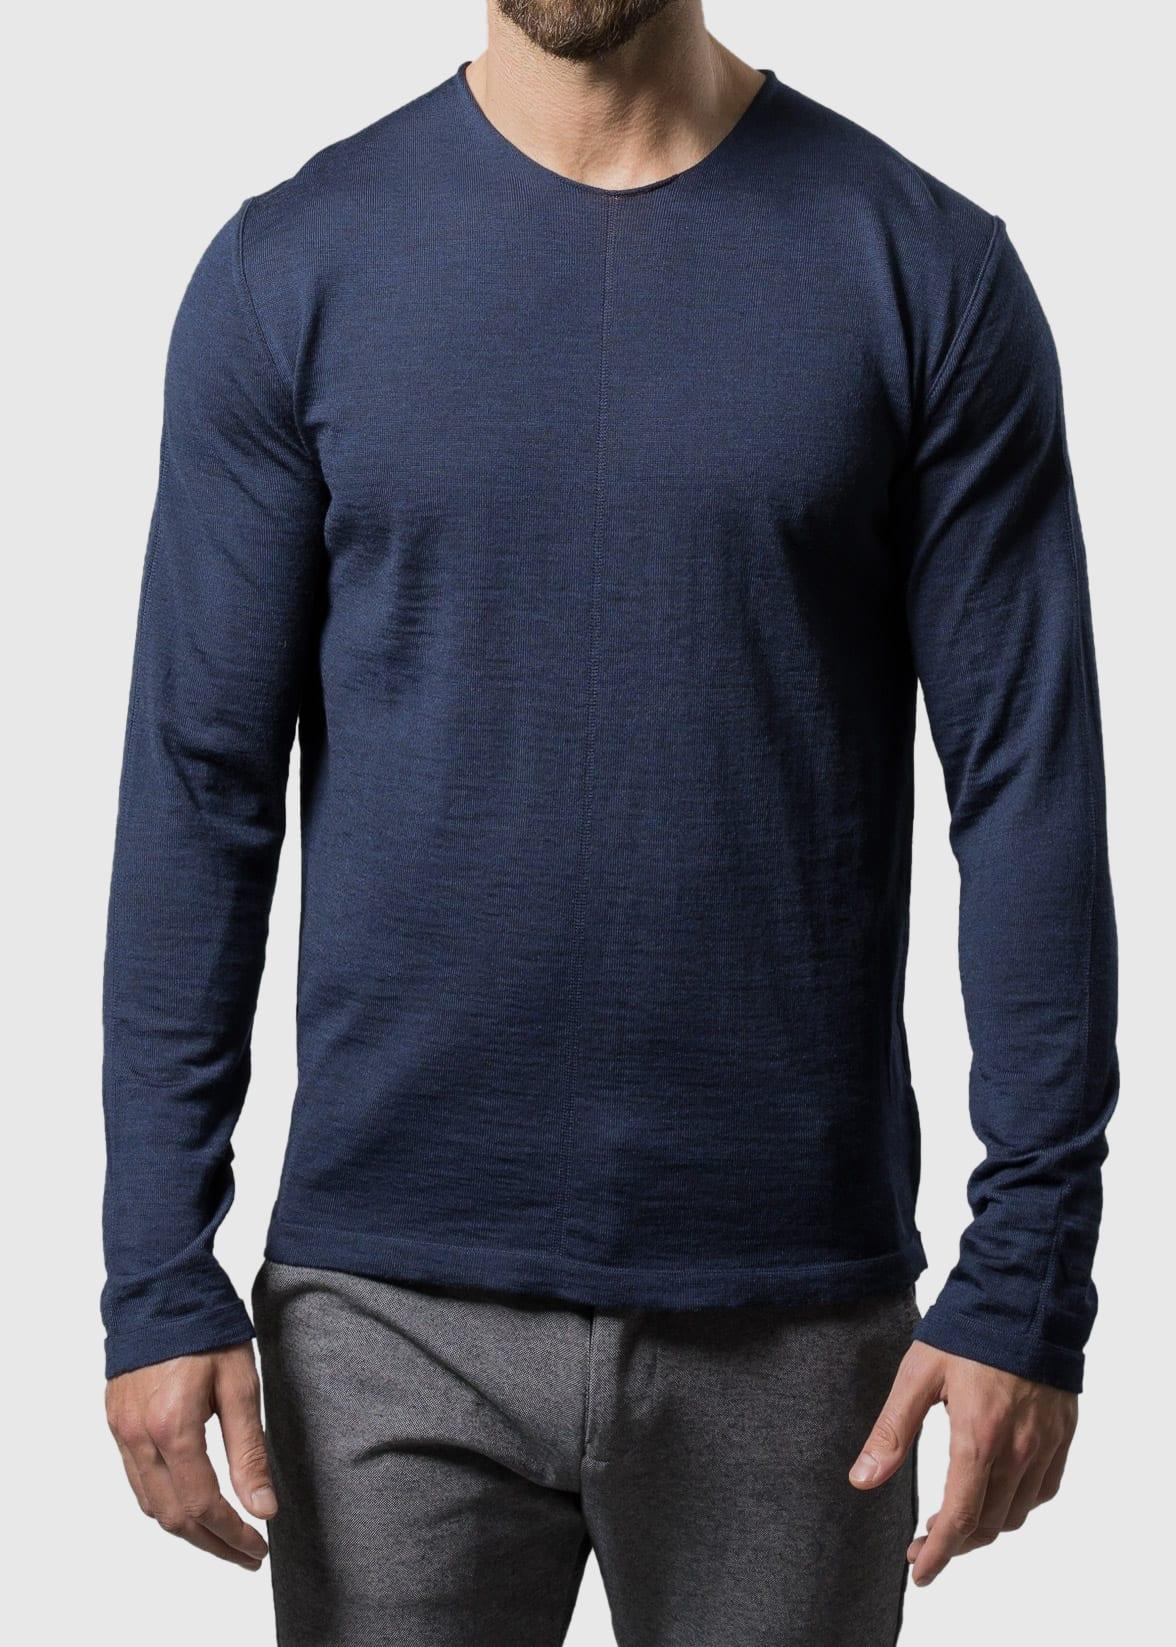 Navy Pullover Herren Uwe aus Merinowolle von Connemara